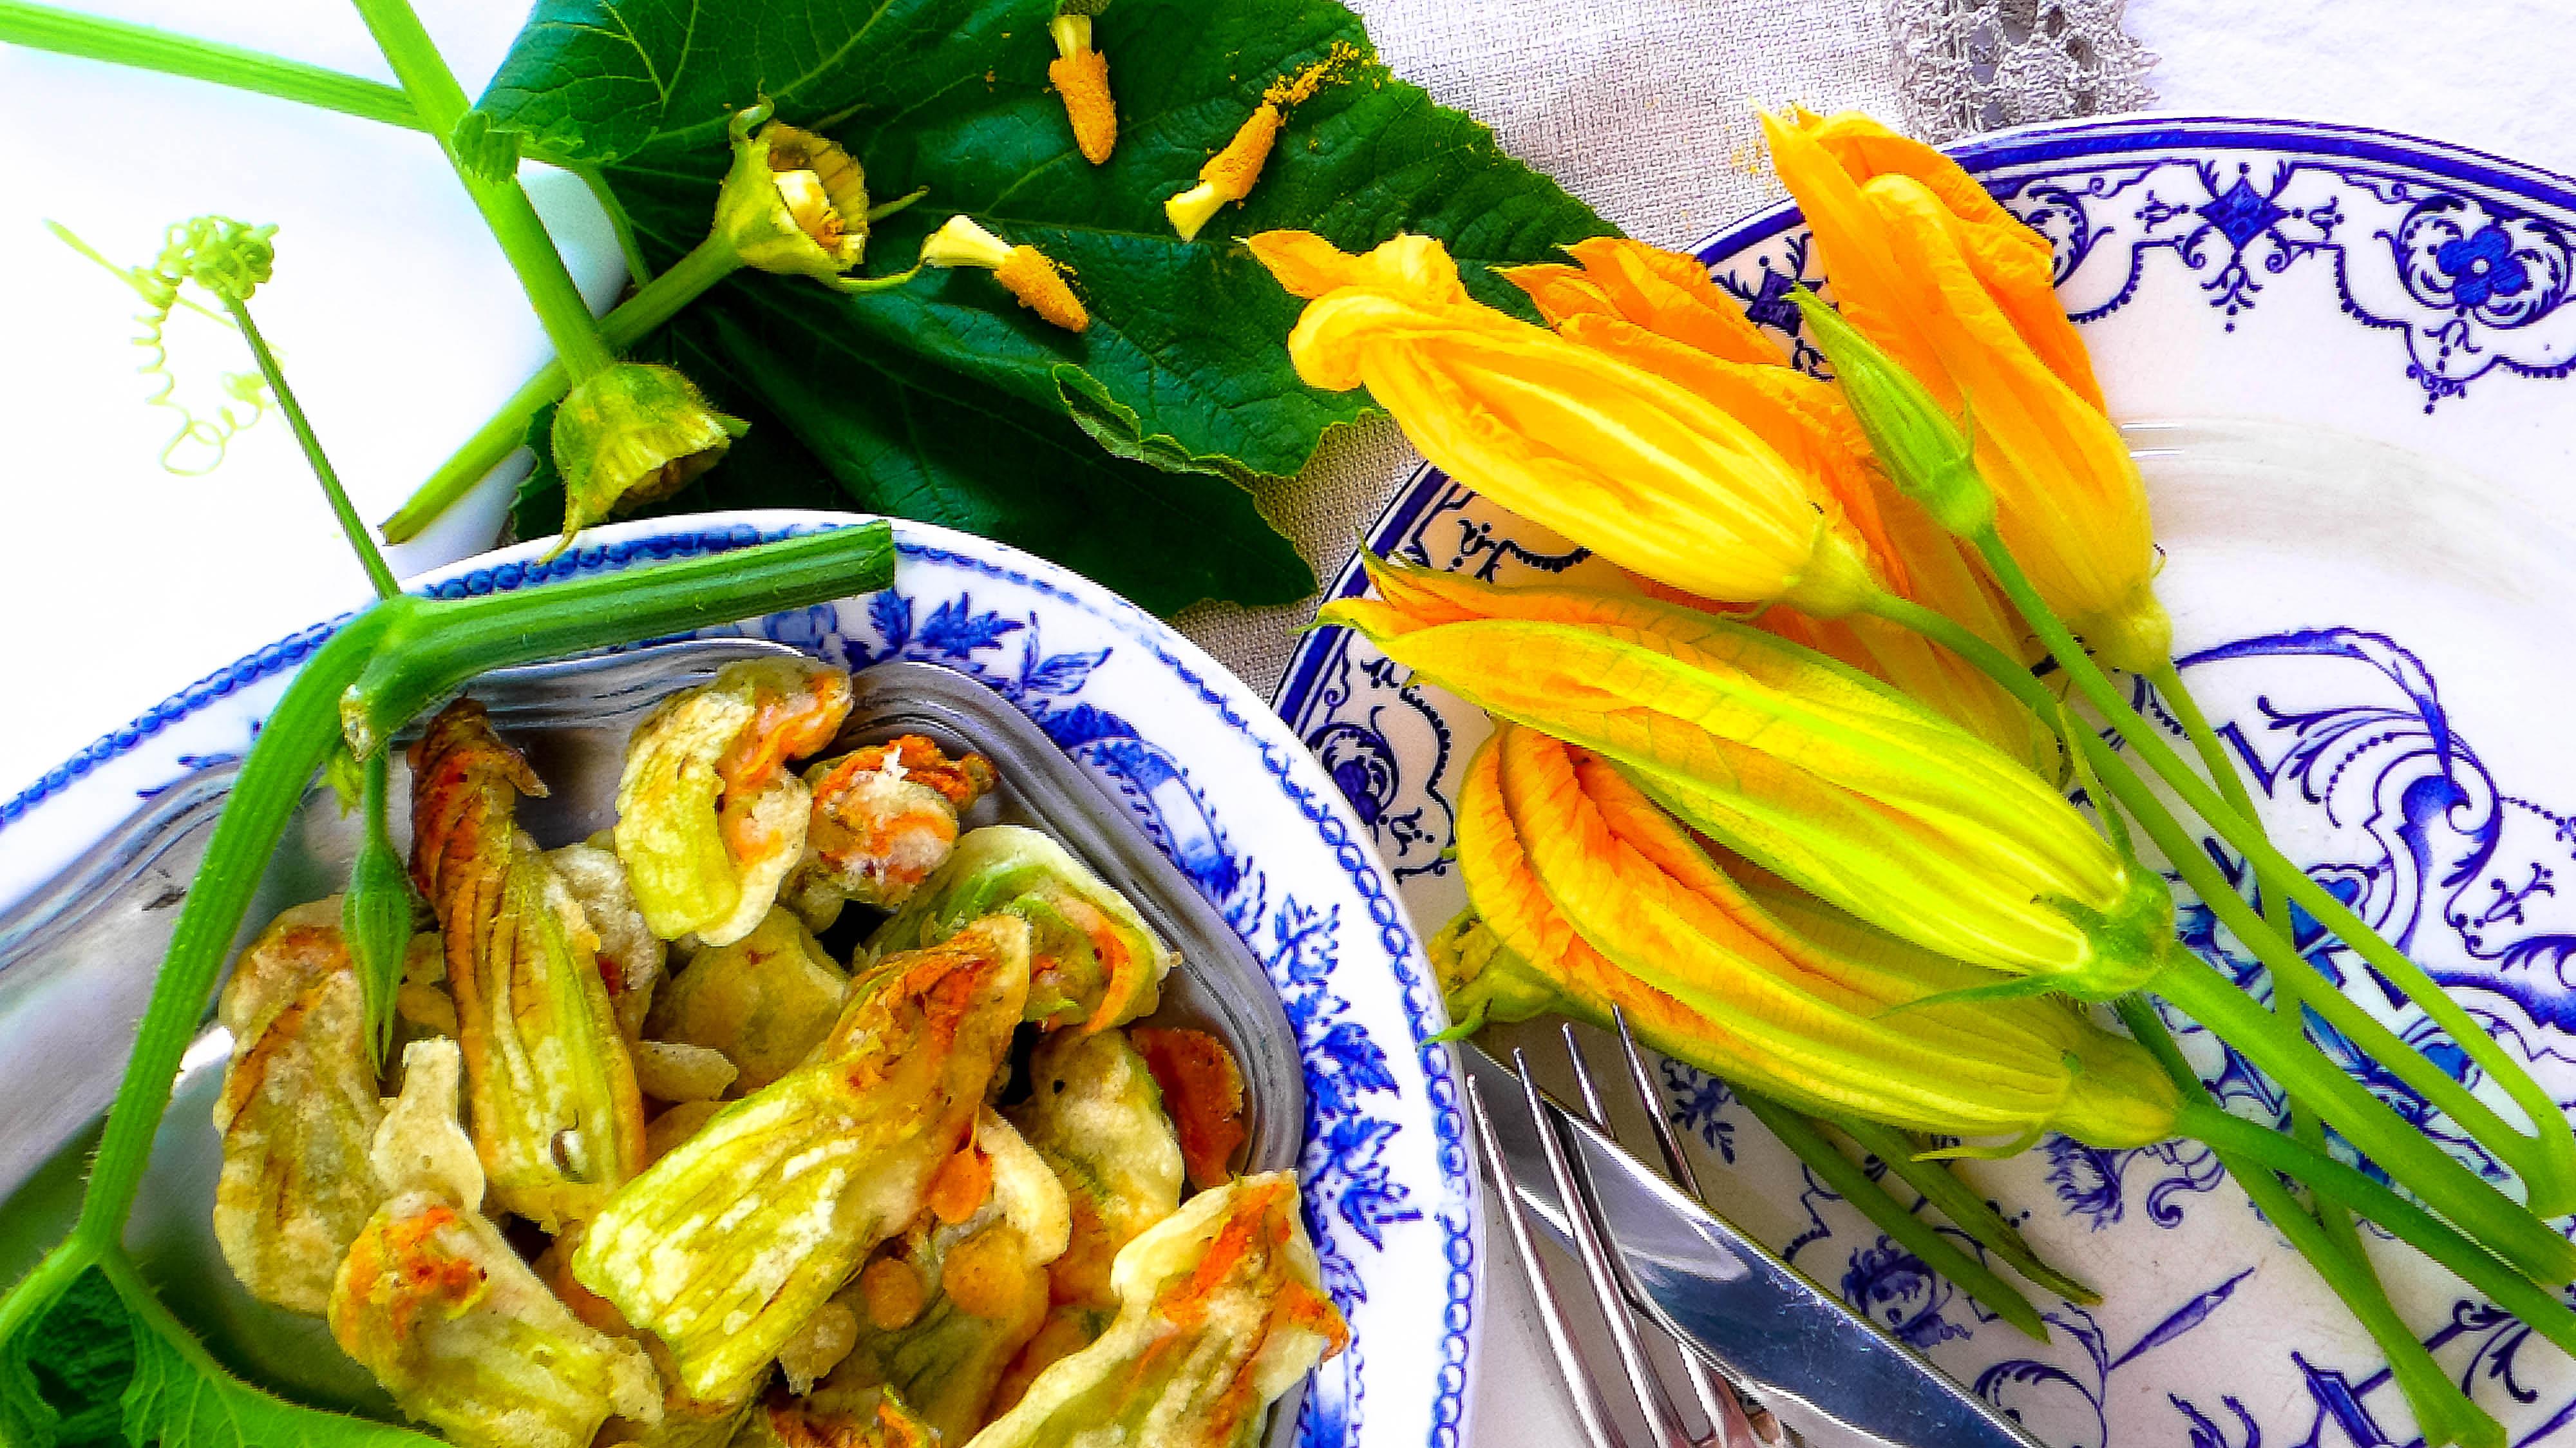 Beignets de fleurs de courgettes du jaune pour la journ e mondiale pour l 39 endom triose - Maladie de la courgette ...